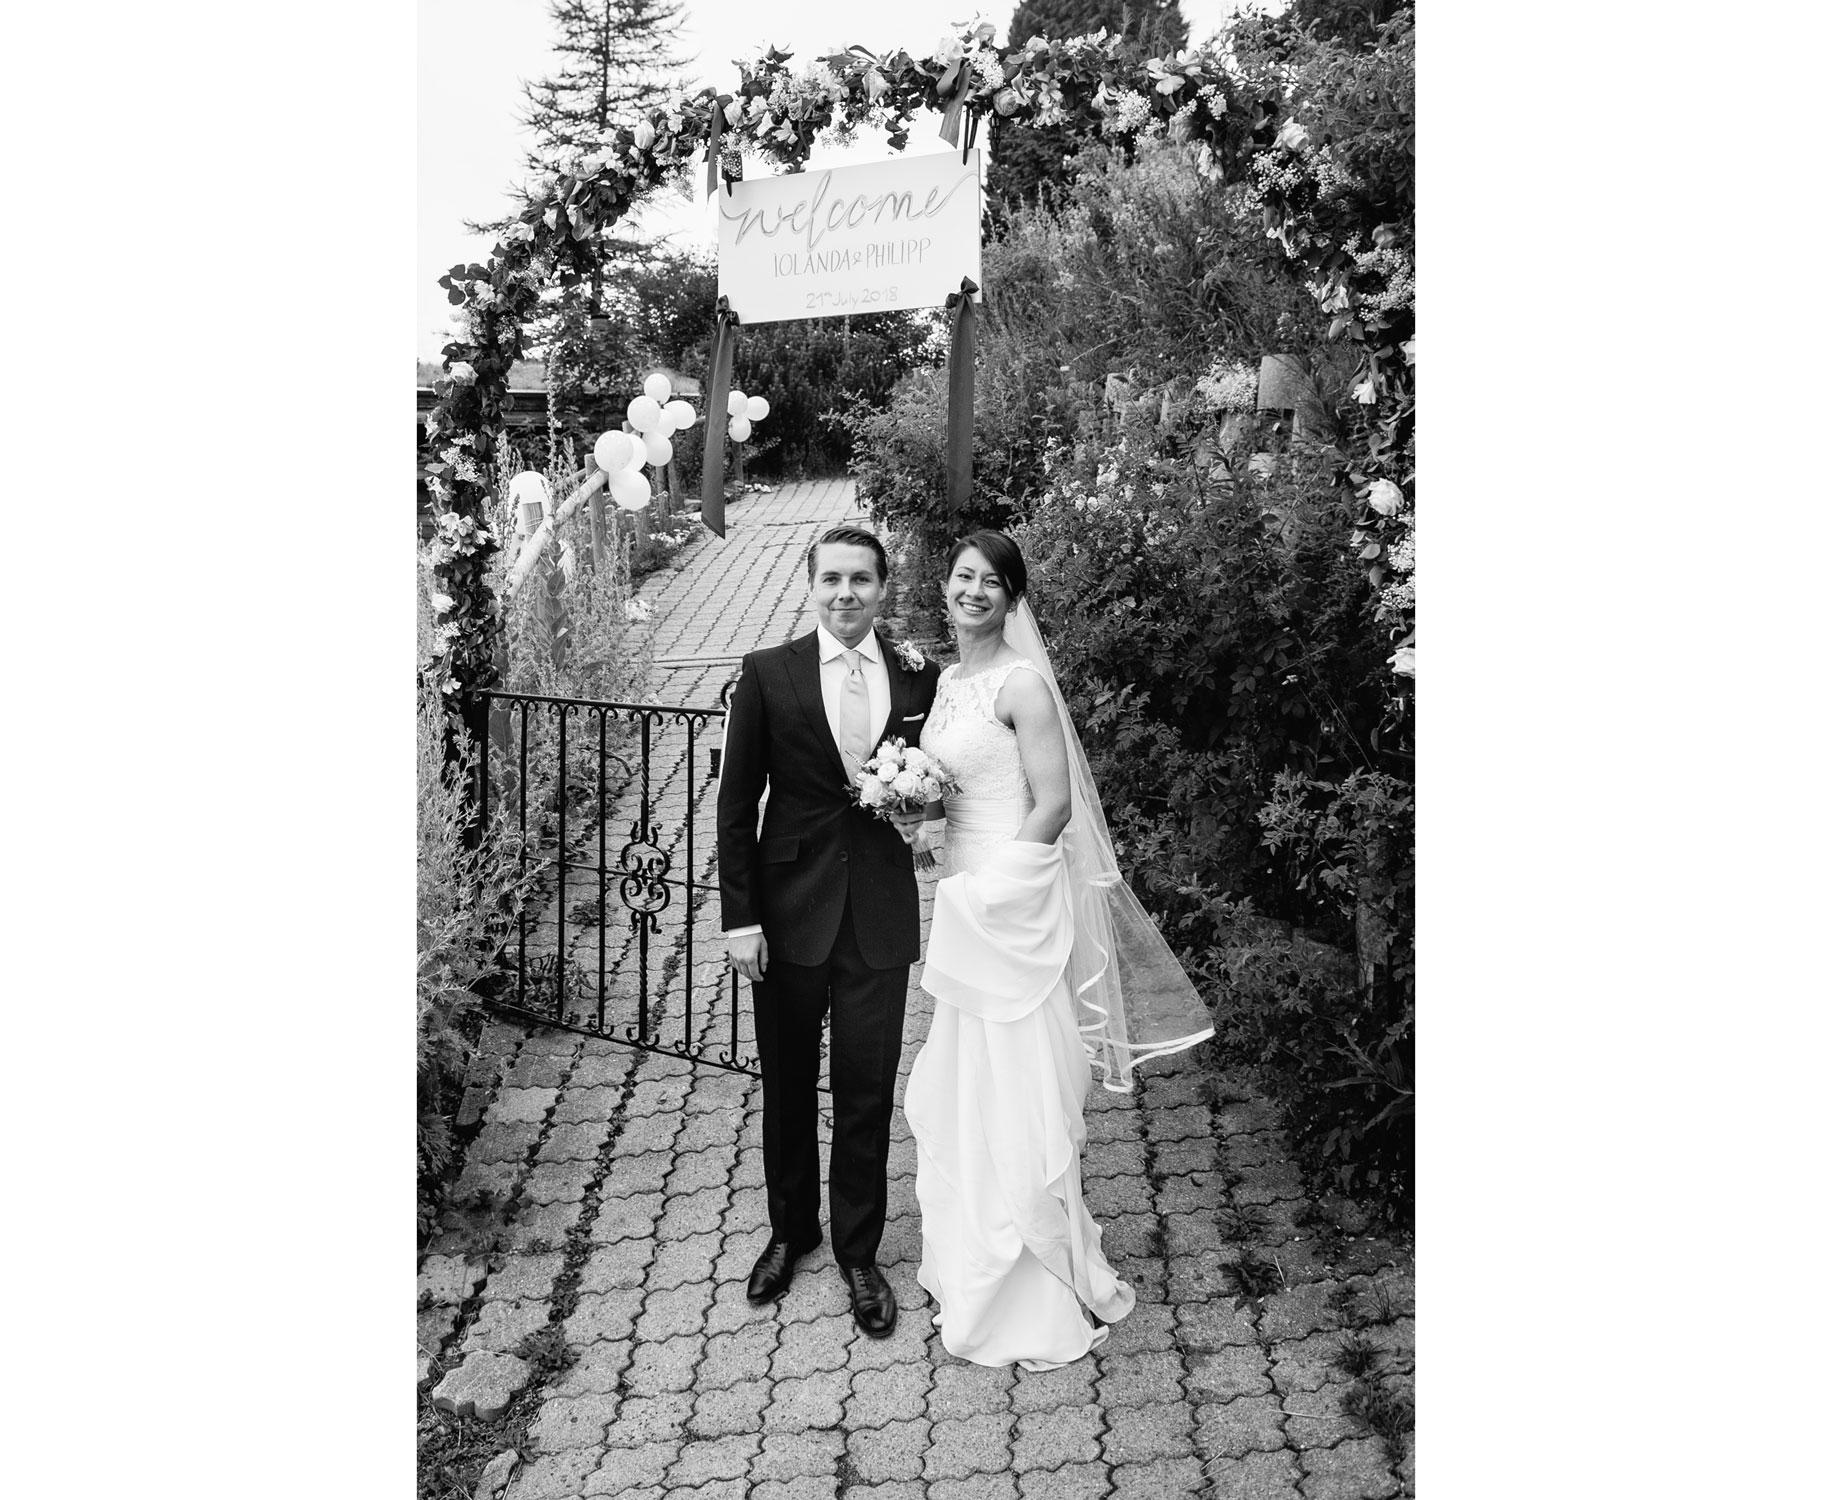 wedding_rigi_064.jpg